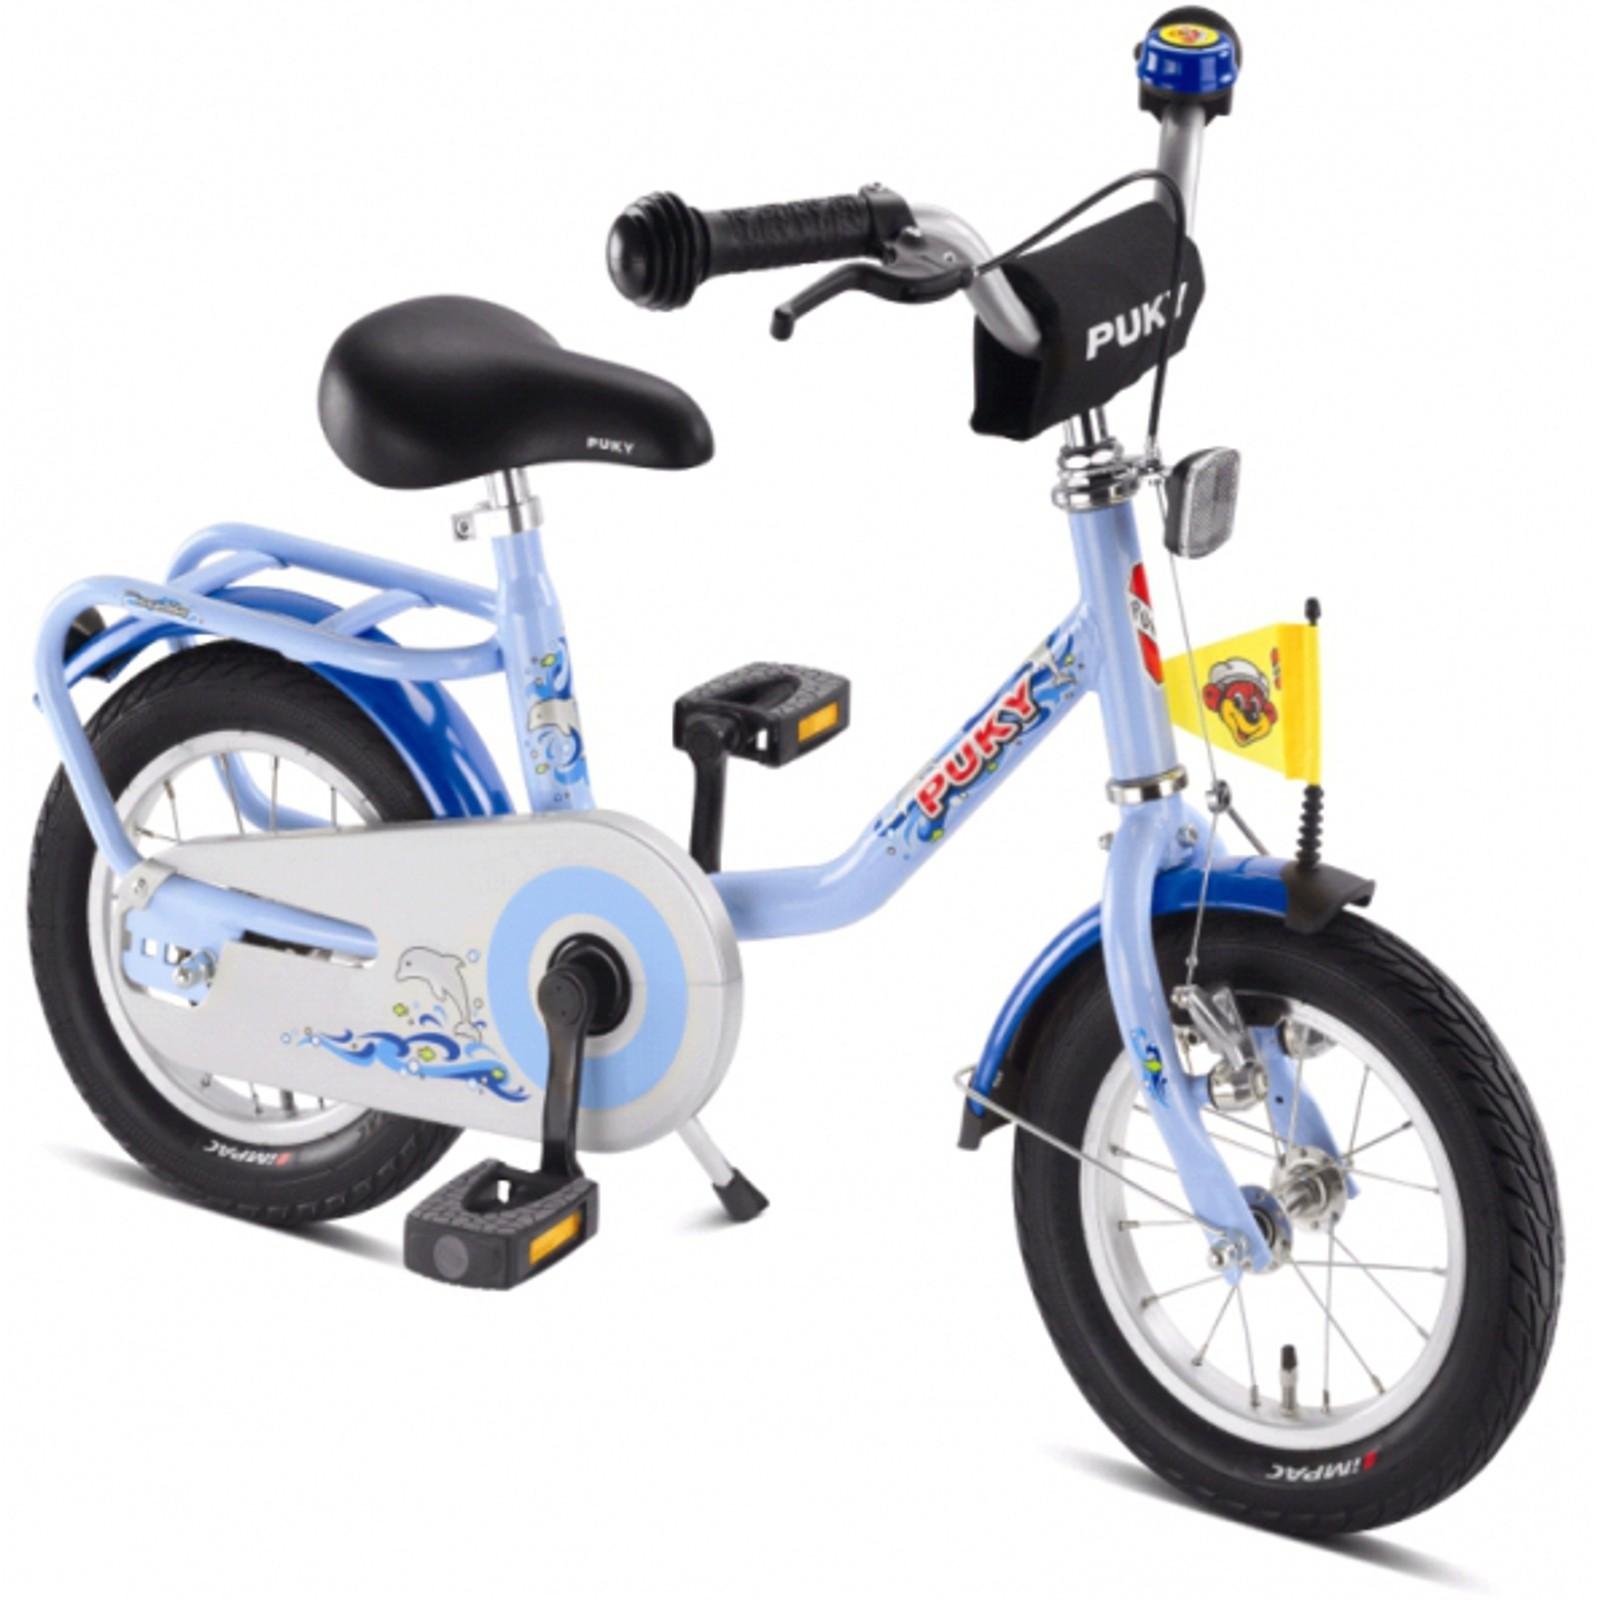 puky kinder fahrrad z 2 ocean blue g nstig kaufen. Black Bedroom Furniture Sets. Home Design Ideas